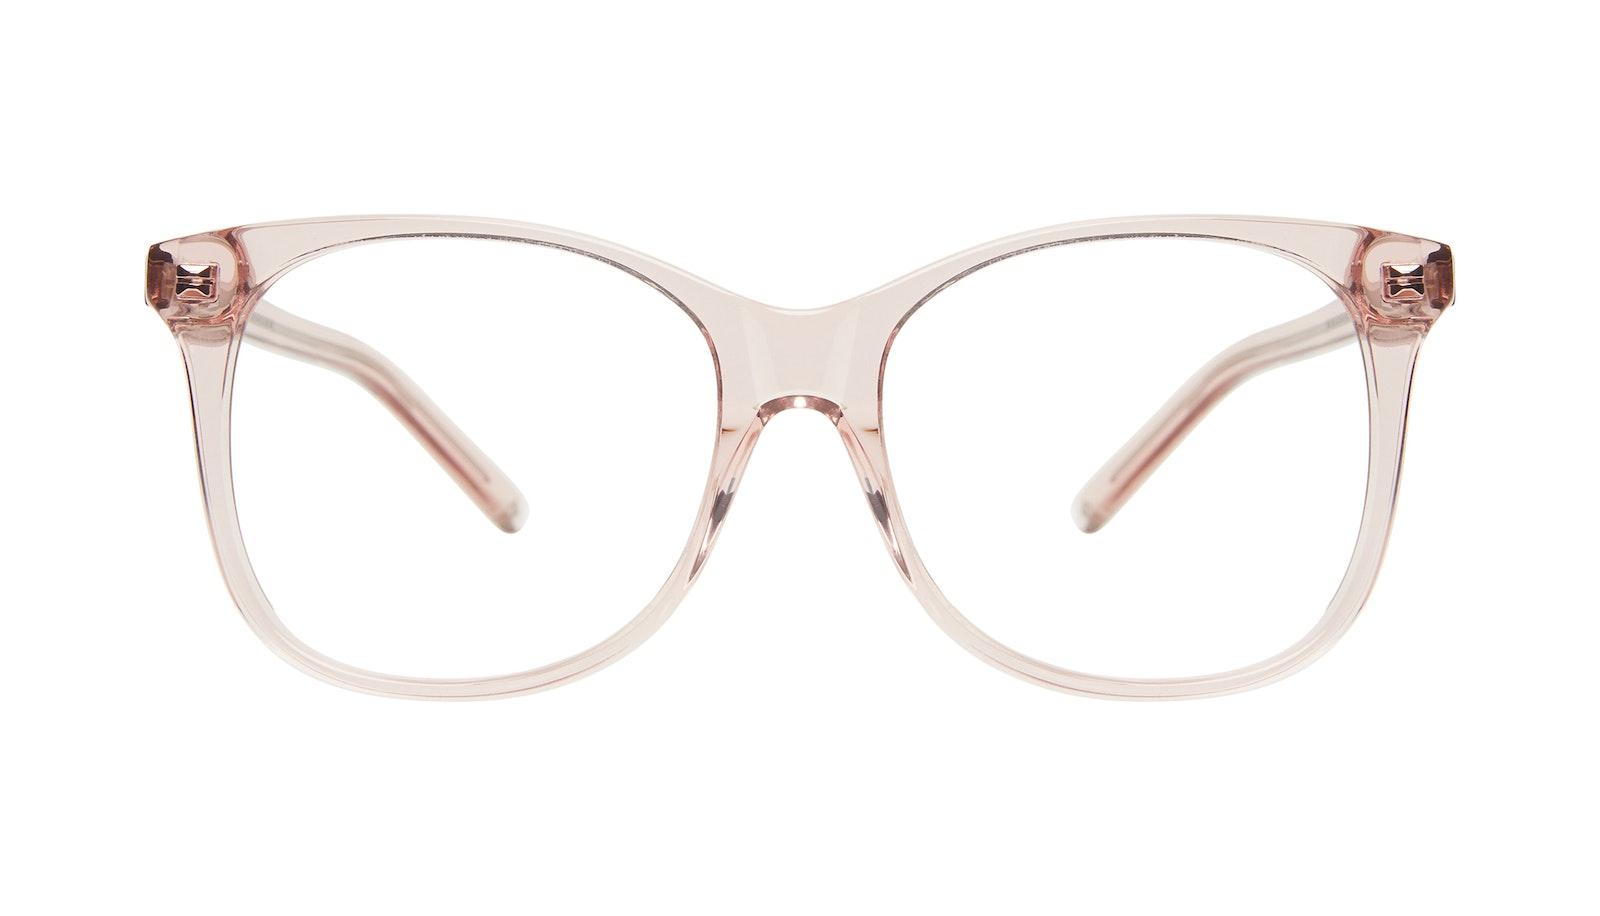 Lunettes tendance Carrée Lunettes de vue Femmes Bloom Pink